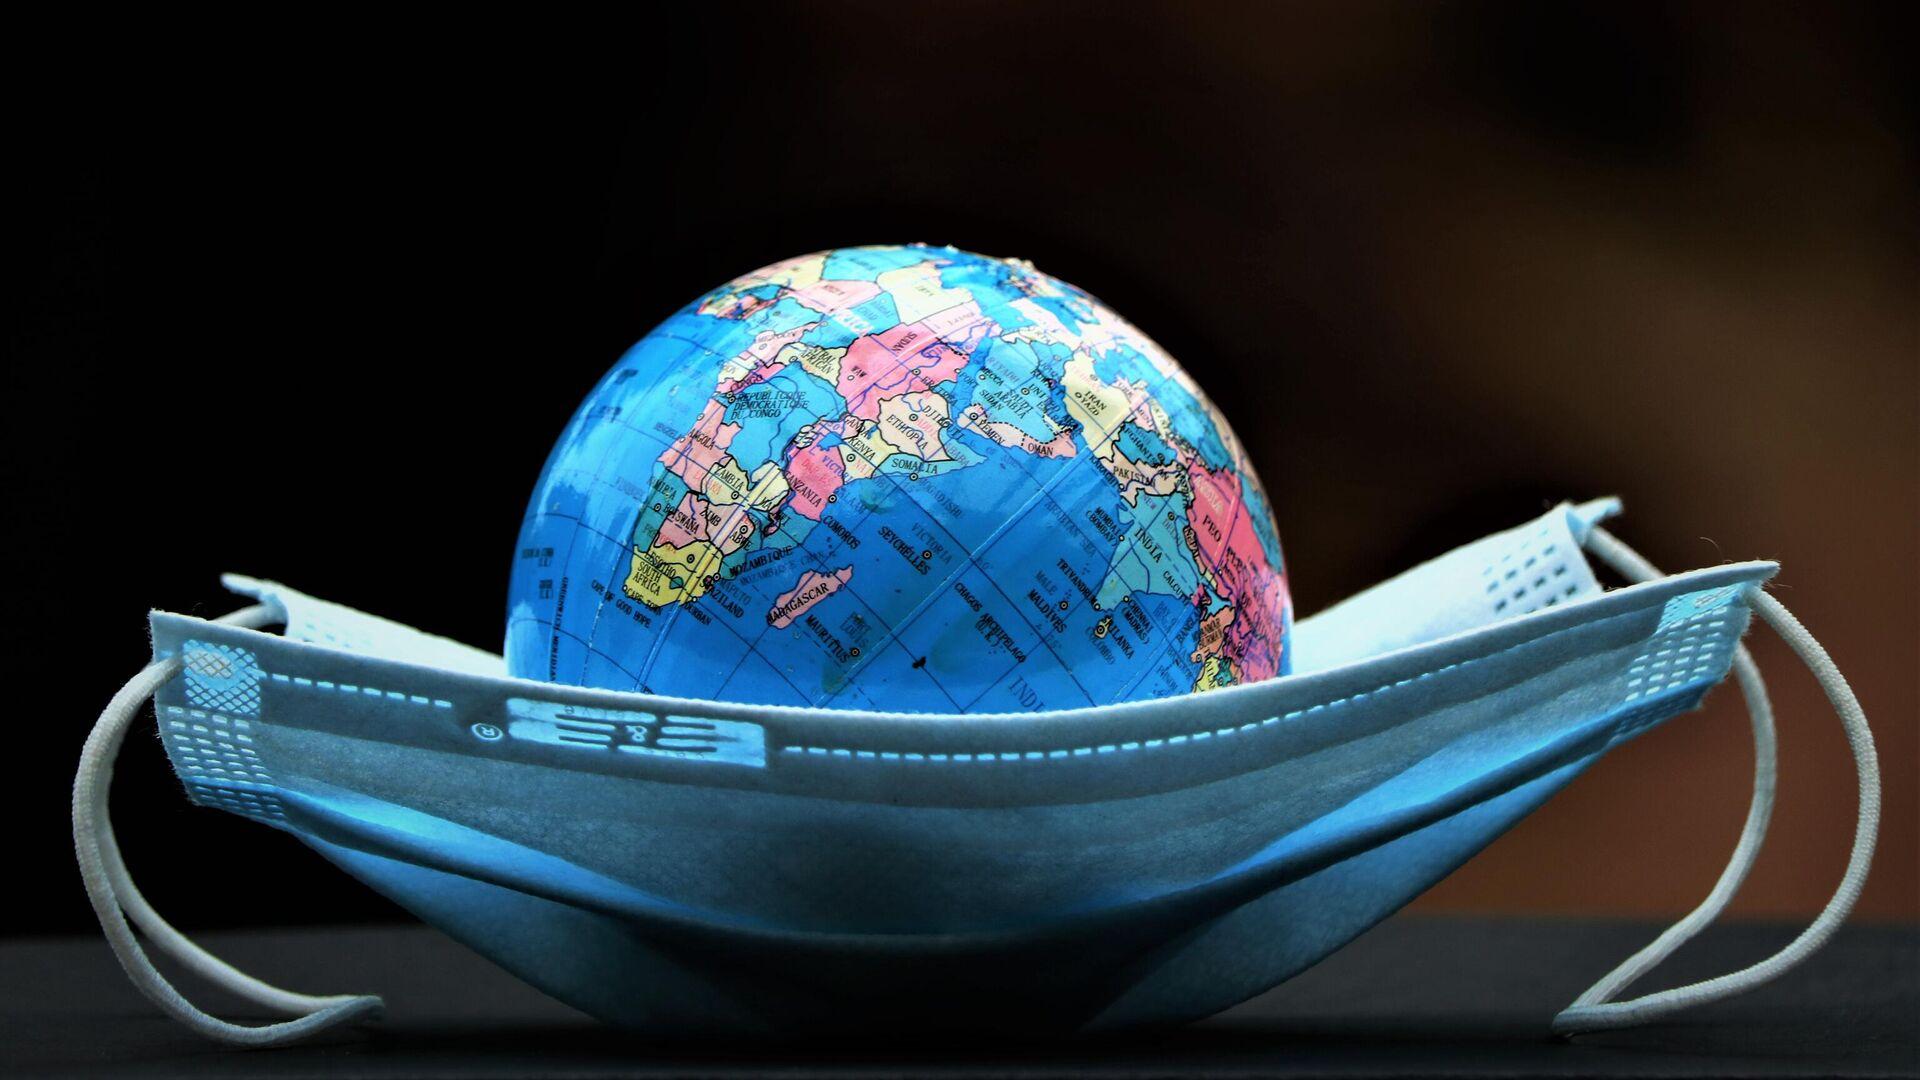 Земной шар в средстве индивидуальной защиты - Sputnik Ўзбекистон, 1920, 24.08.2021